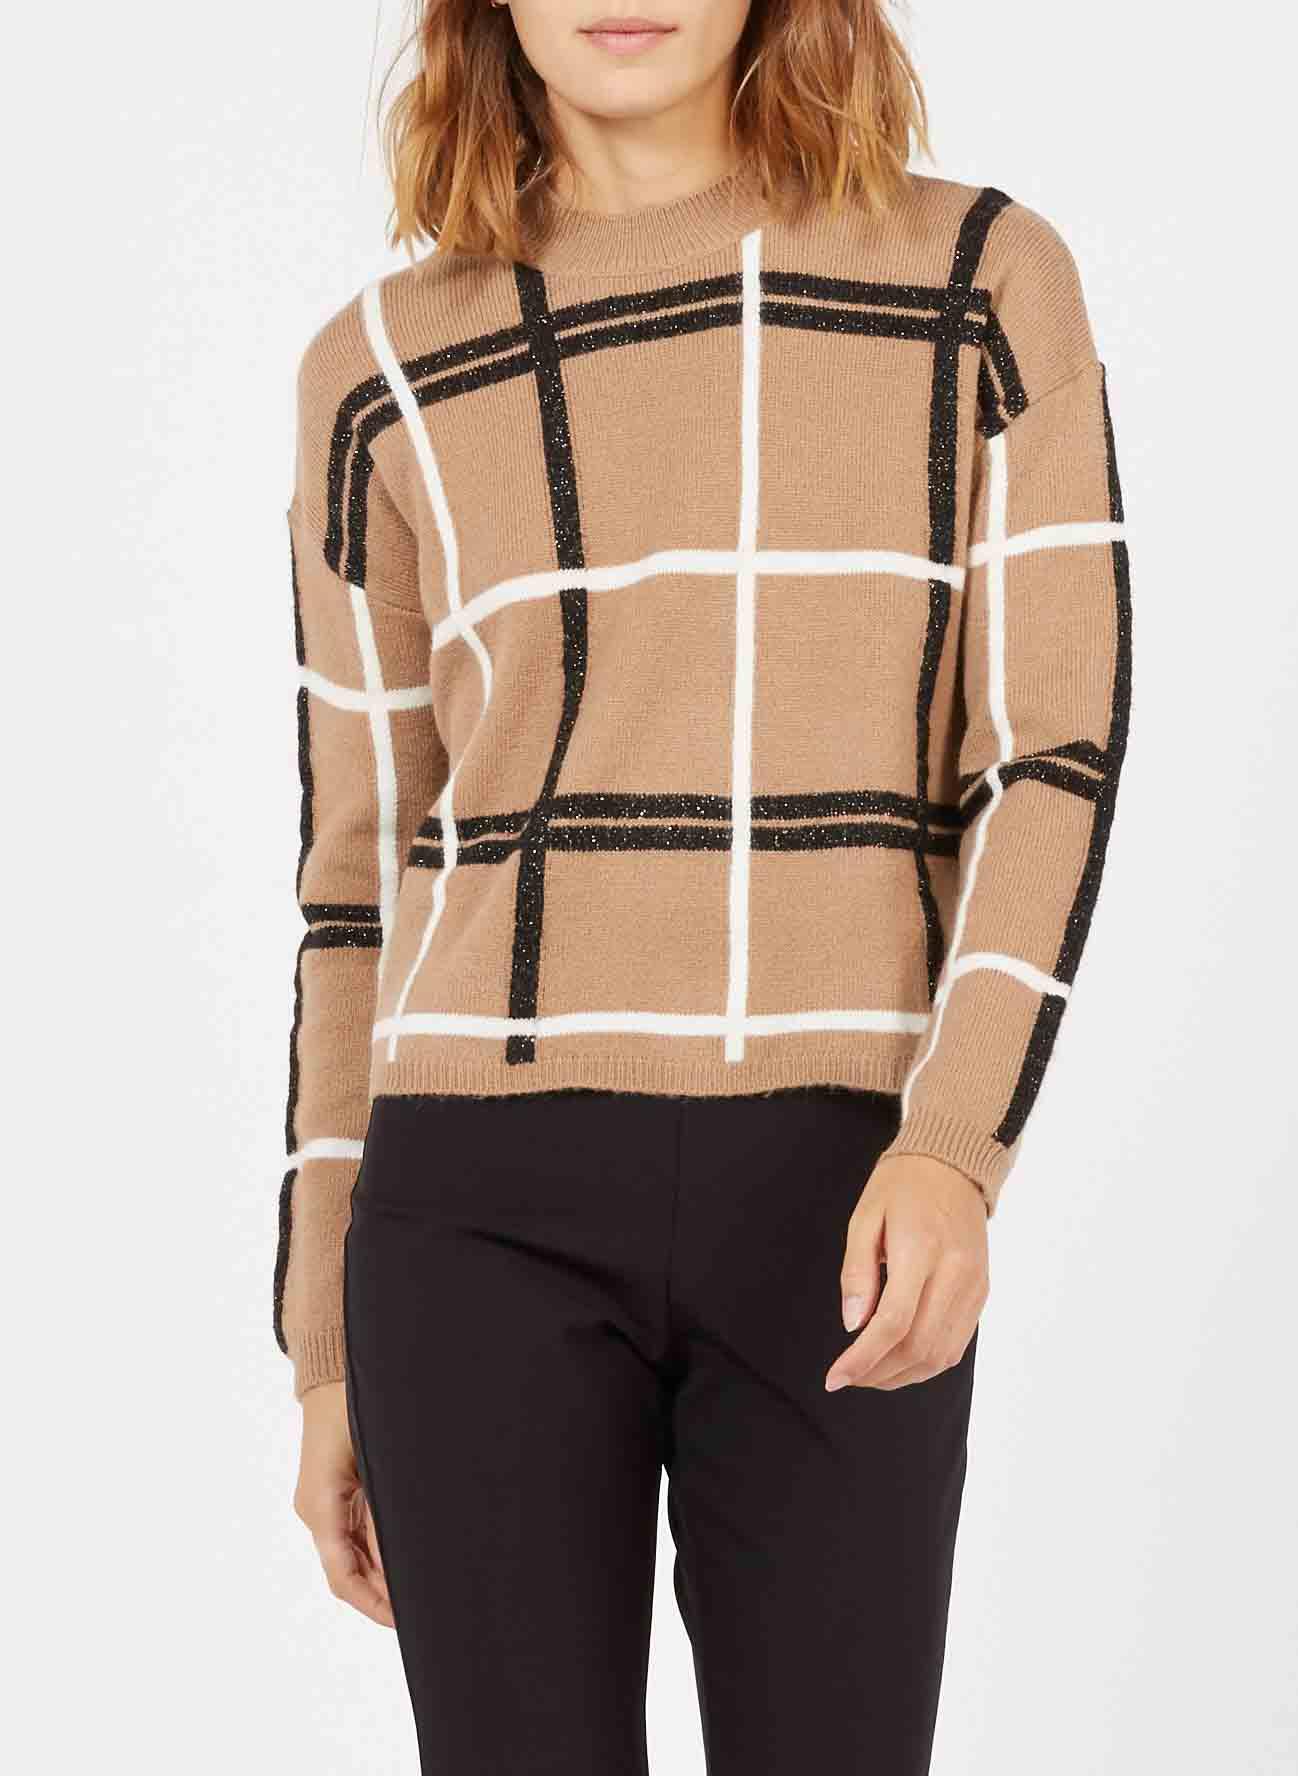 PENNYBLACK Jacquard-Pullover mit Stehkragen in Beige